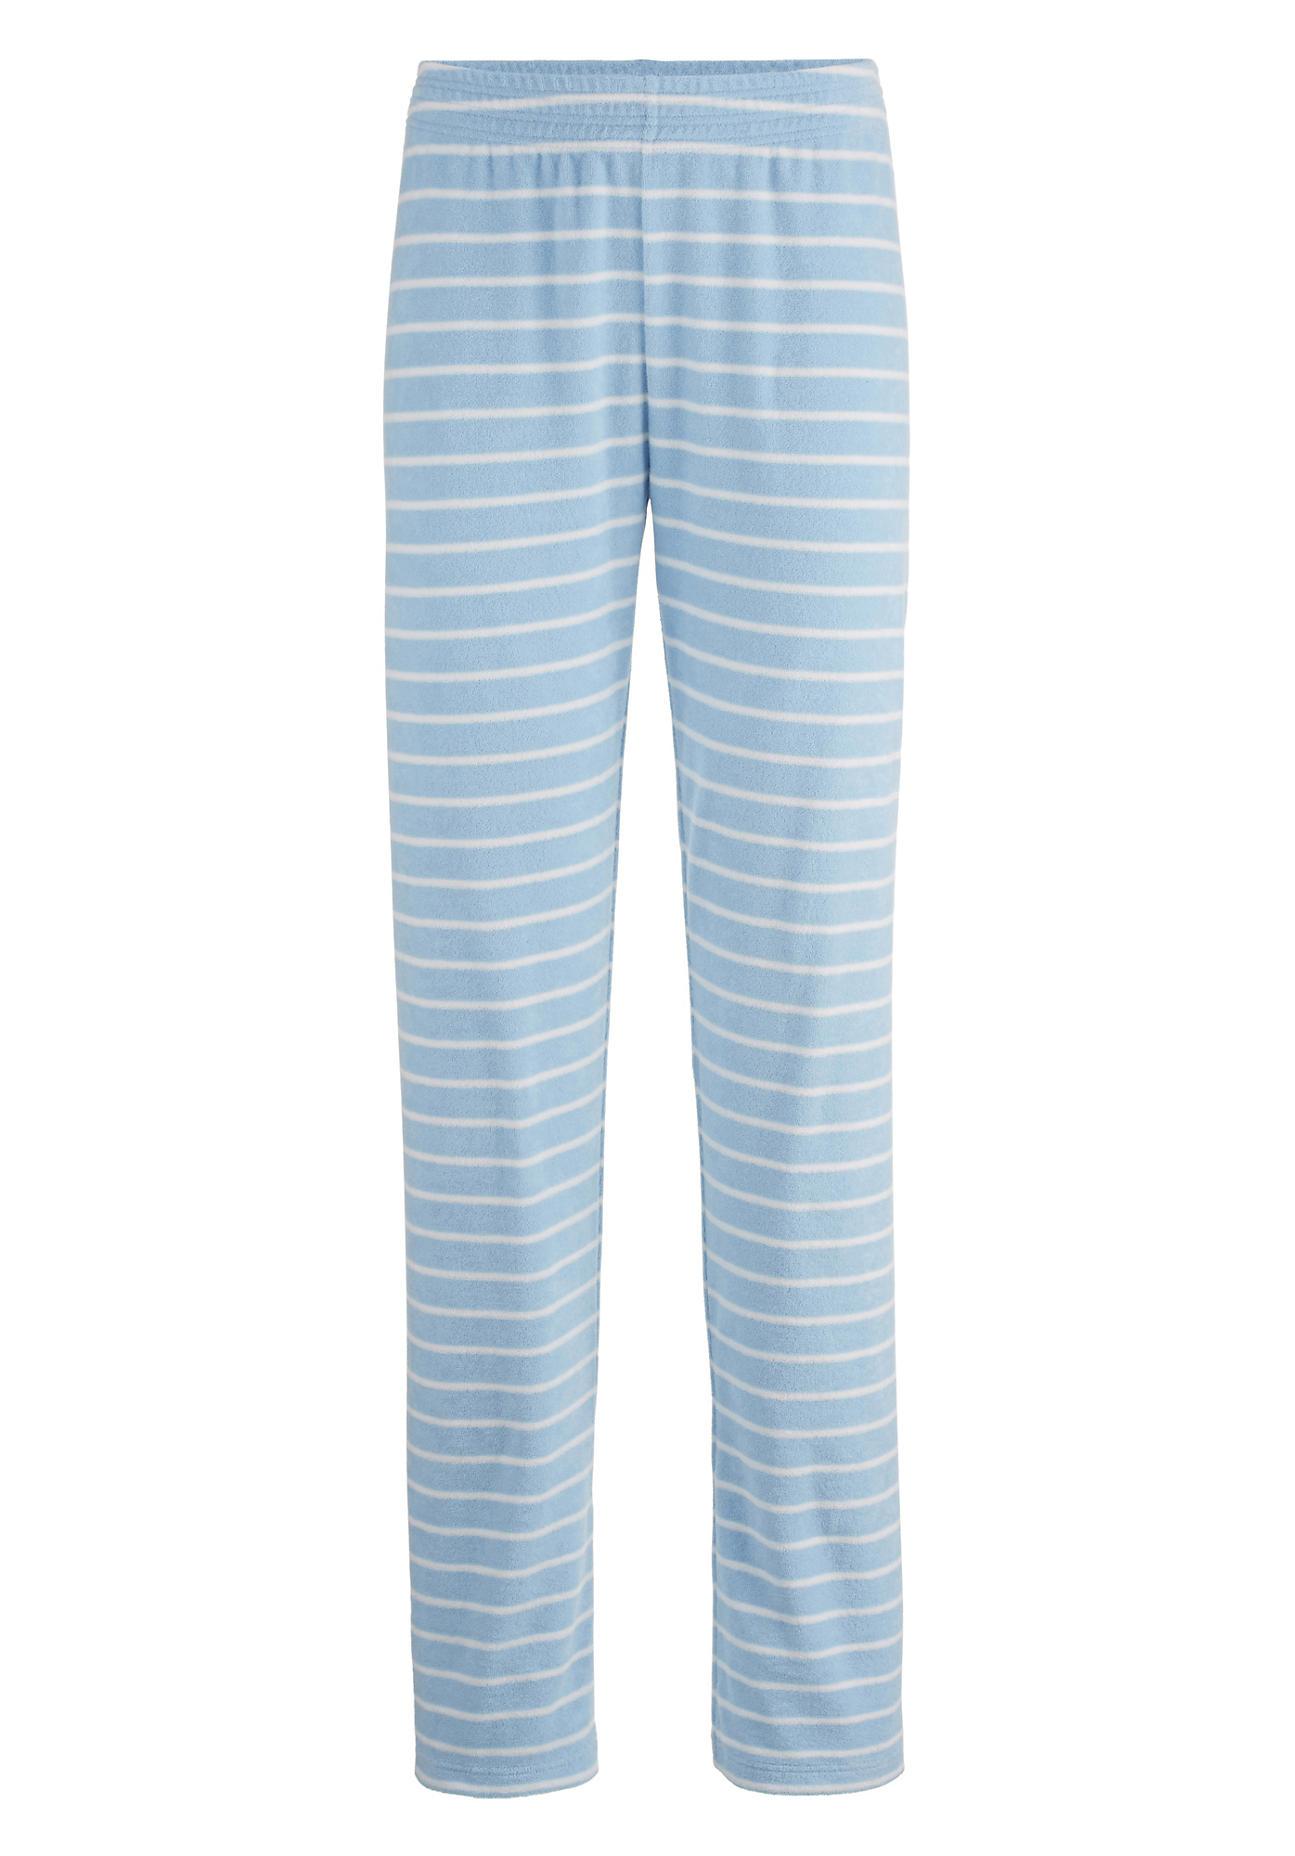 hessnatur Damen Frottee-Hose aus Bio-Baumwolle – blau – Größe 48